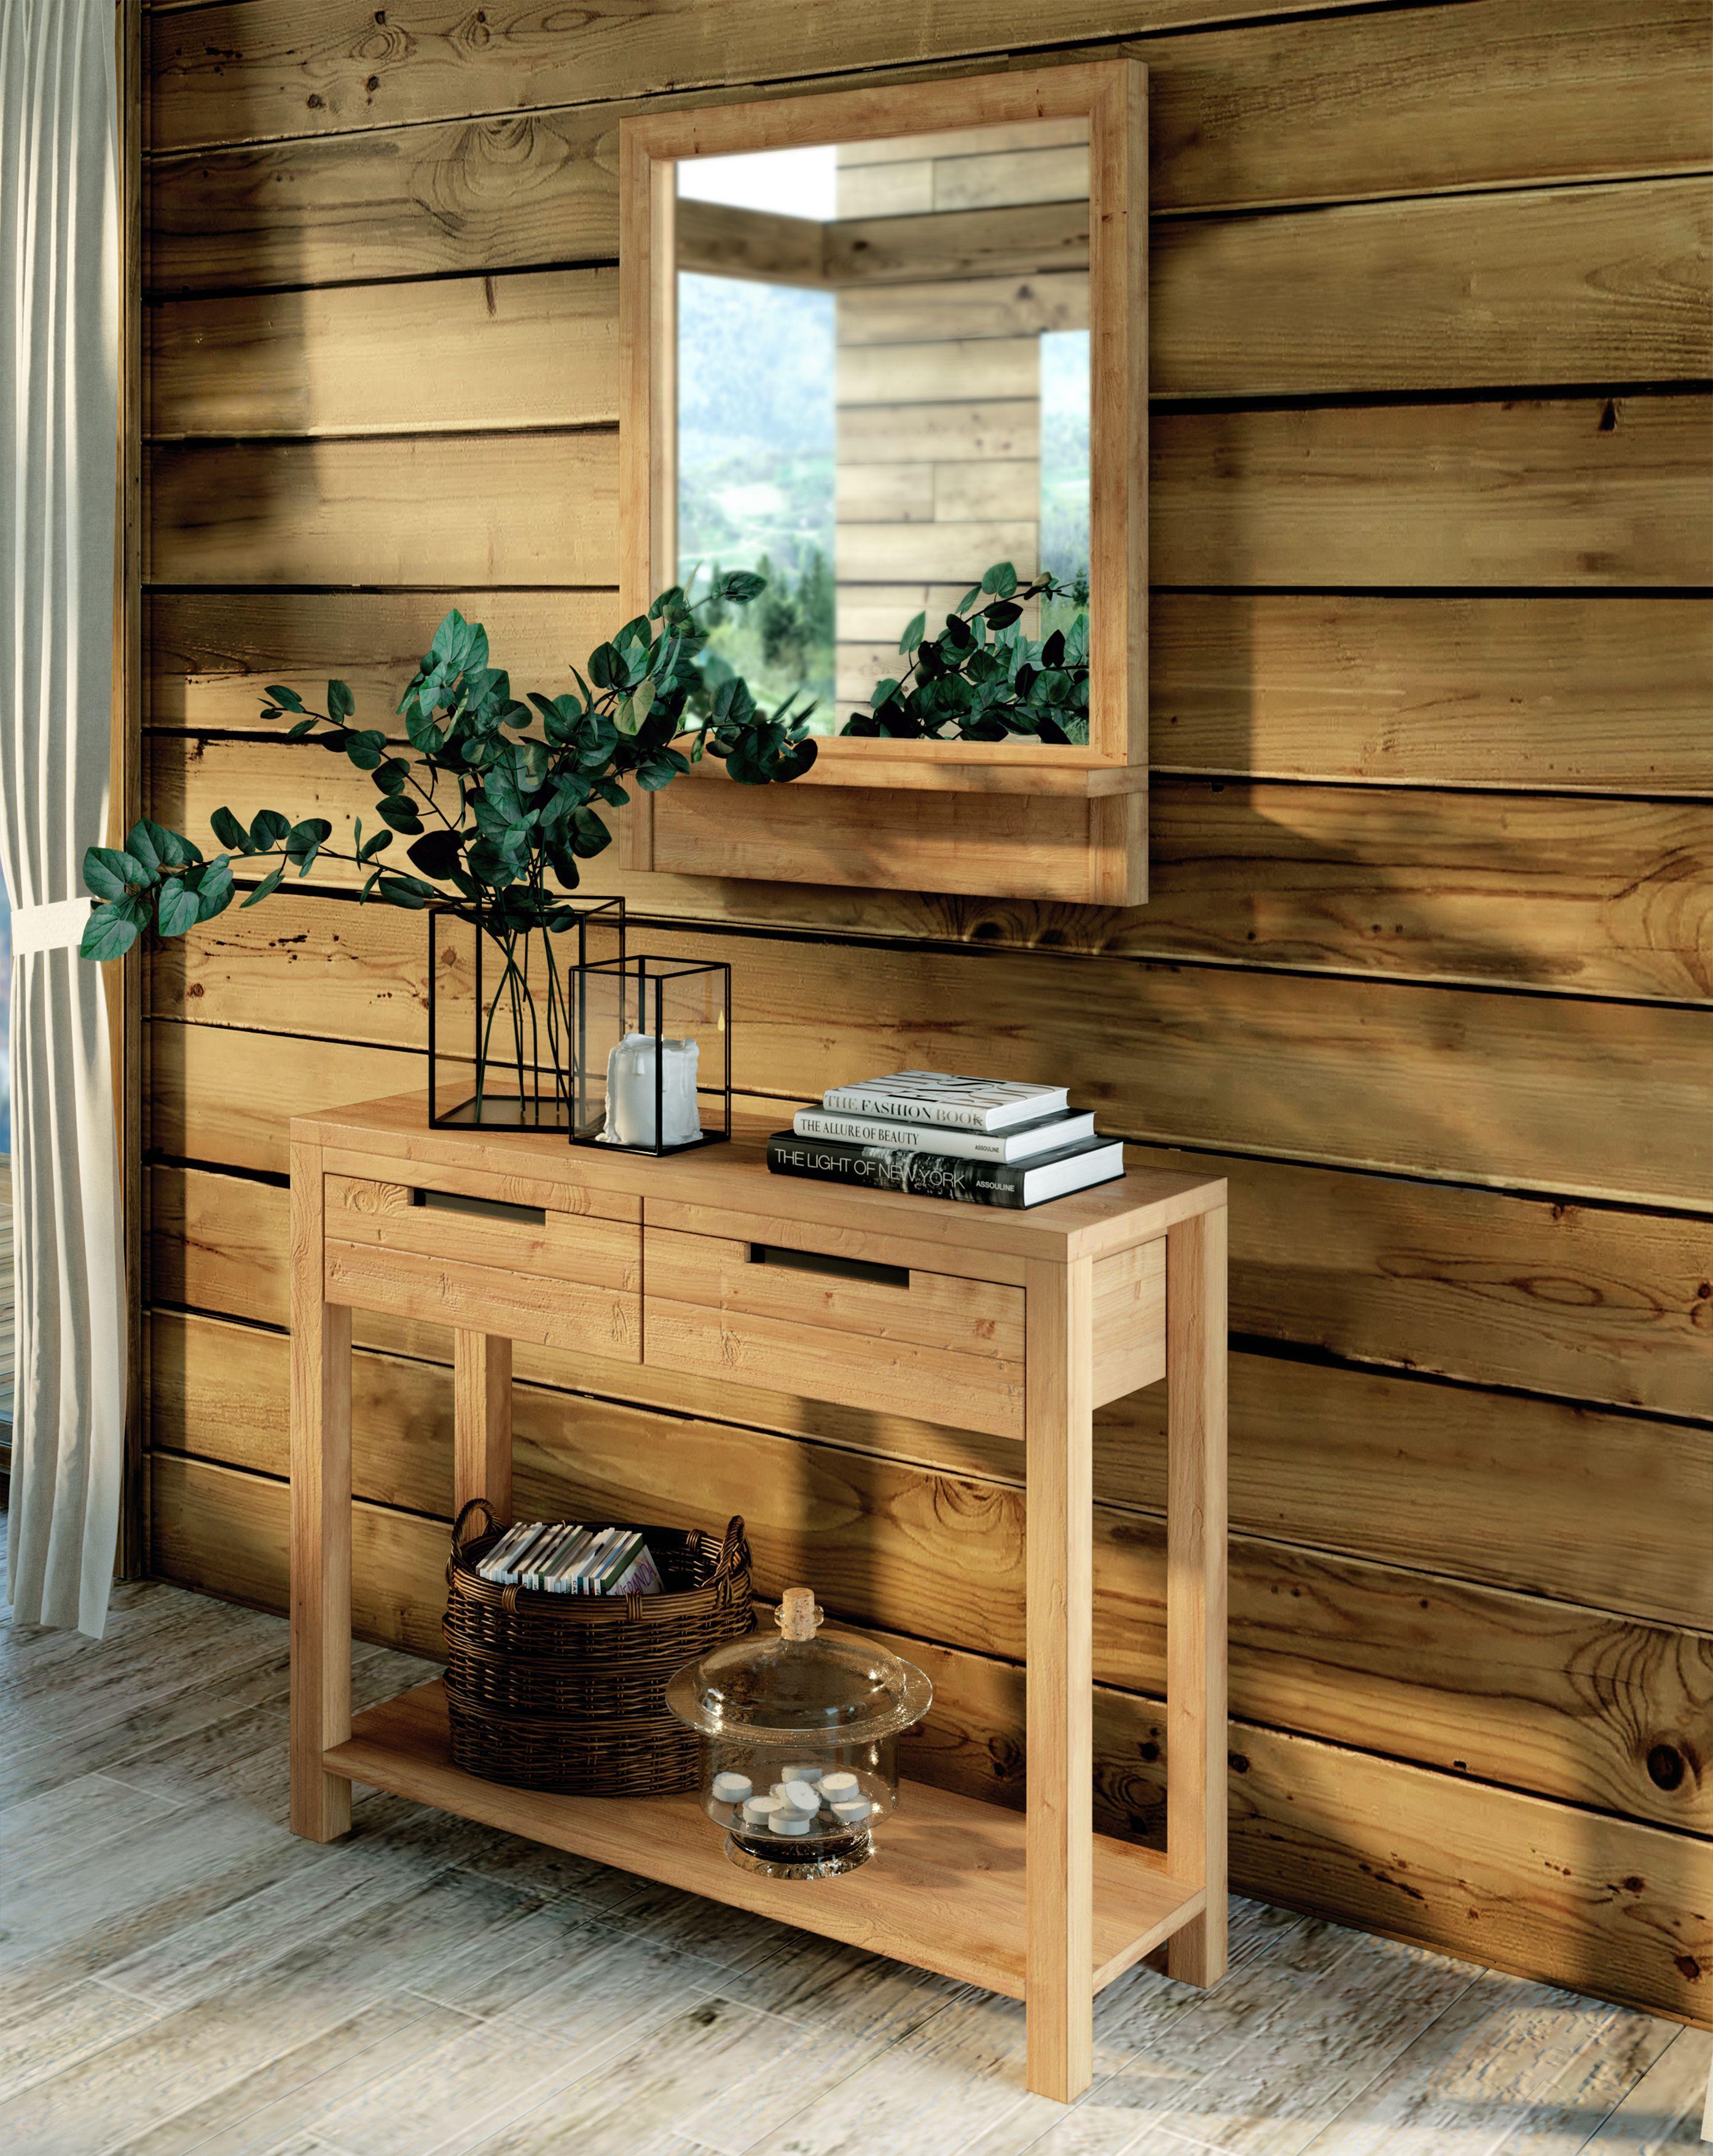 Un Entree Type Chalet Avec Une Jolie Console Un Grand Miroir Et Une Belle Plante Decoration Maison Console Console Style